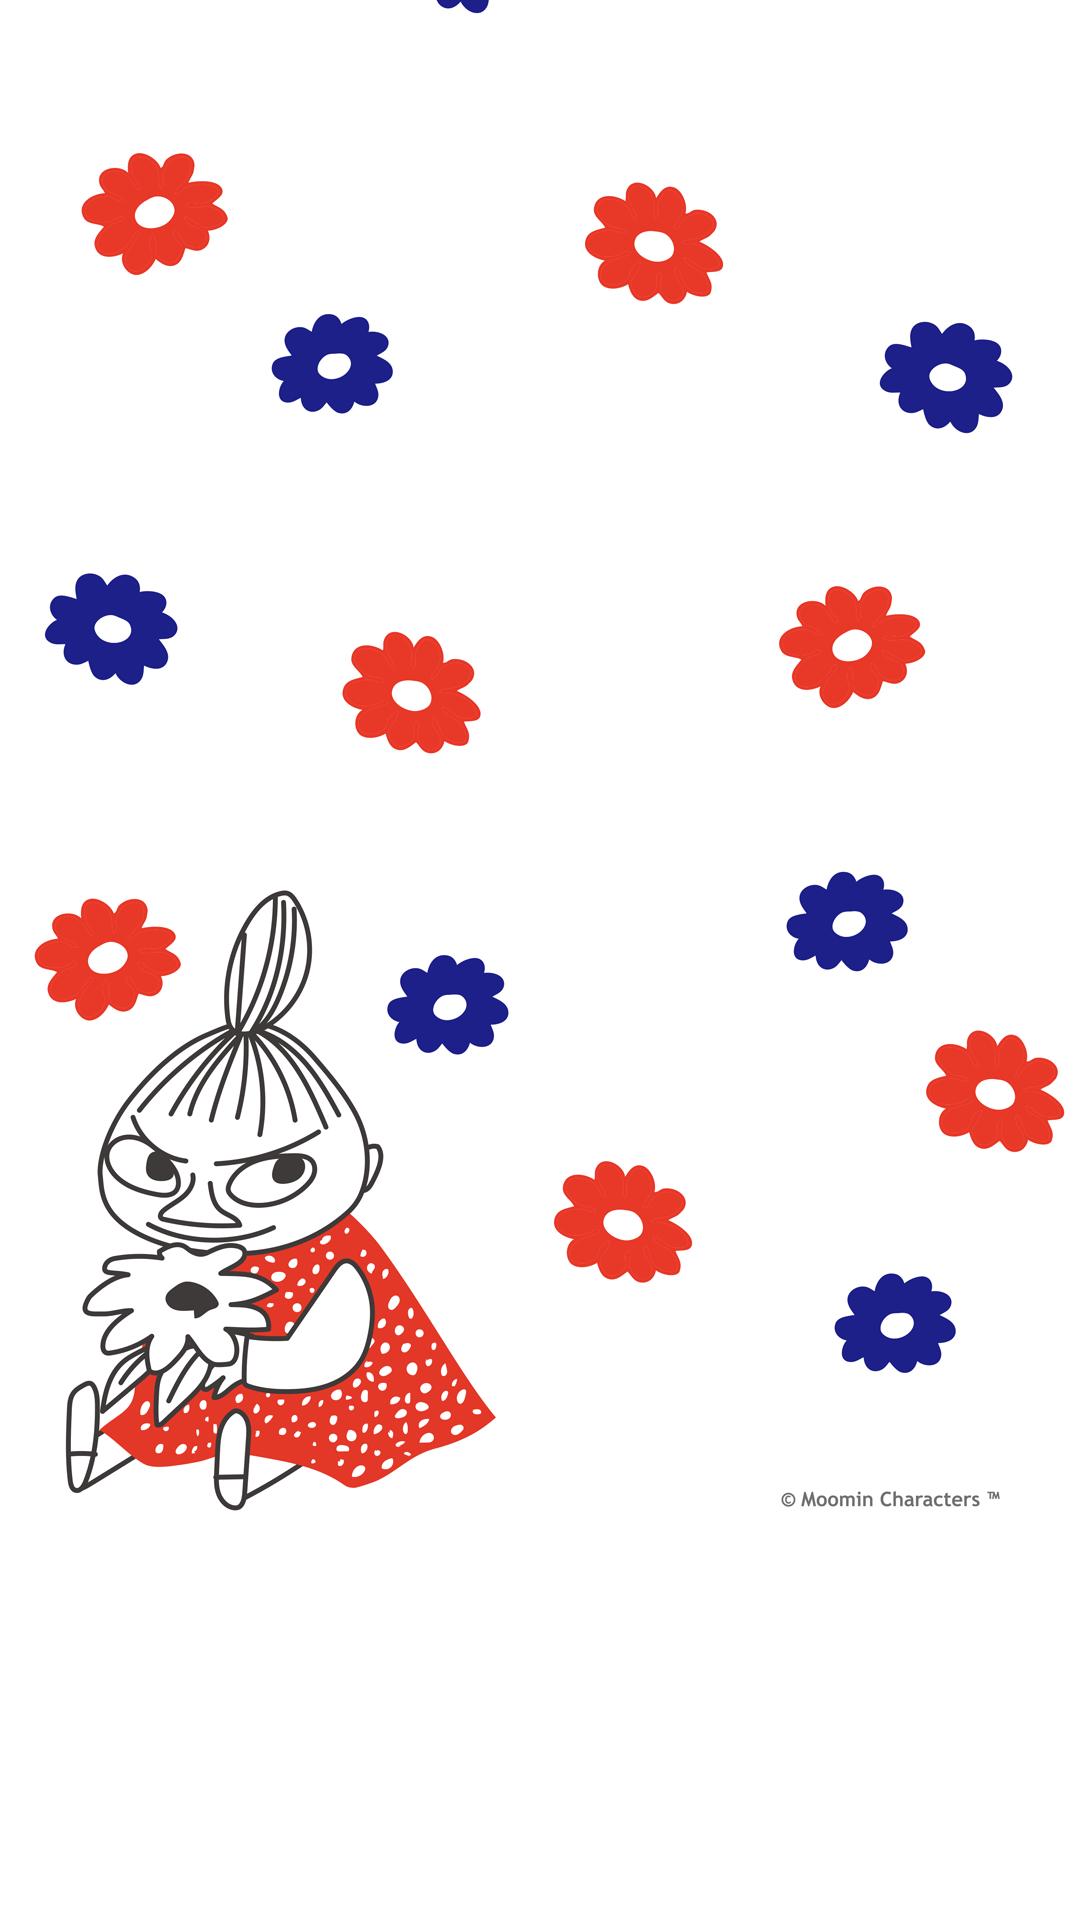 ムーミン おしゃれまとめの人気アイデア Pinterest Maria Ok ムーミン 壁紙 ムーミン イラスト あいふぉん 壁紙